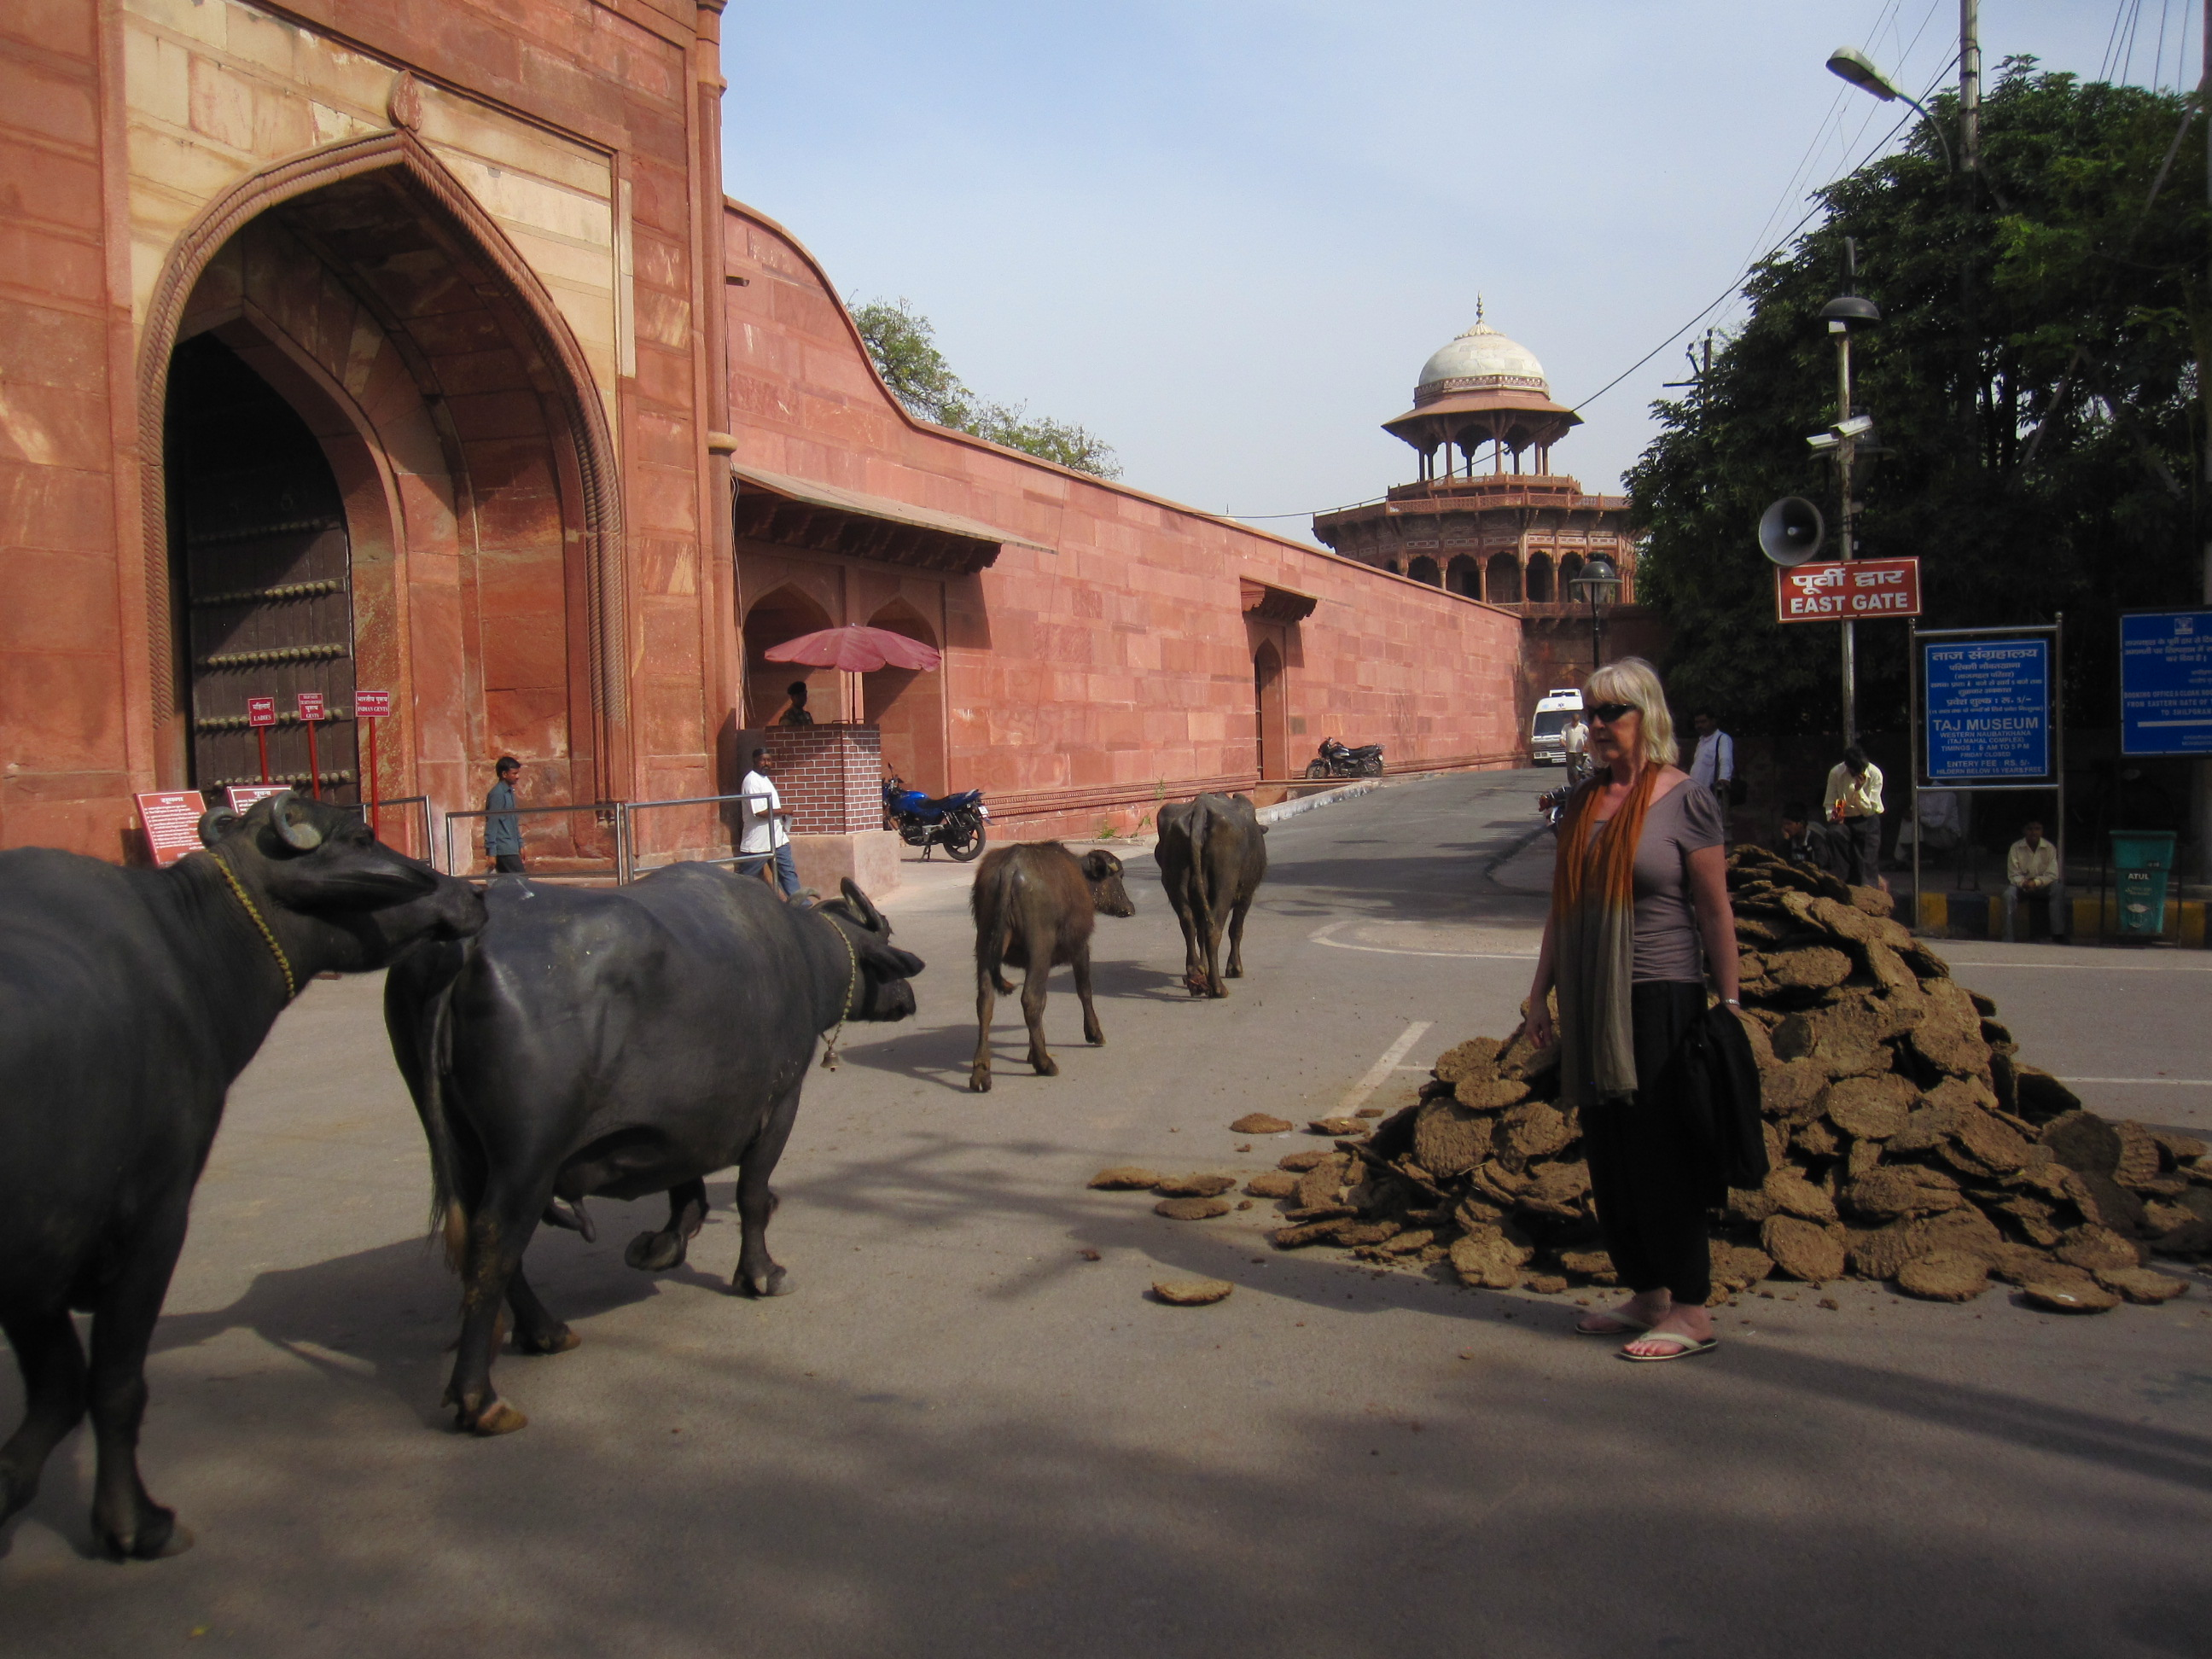 Life goes on outside the Taj Mahal